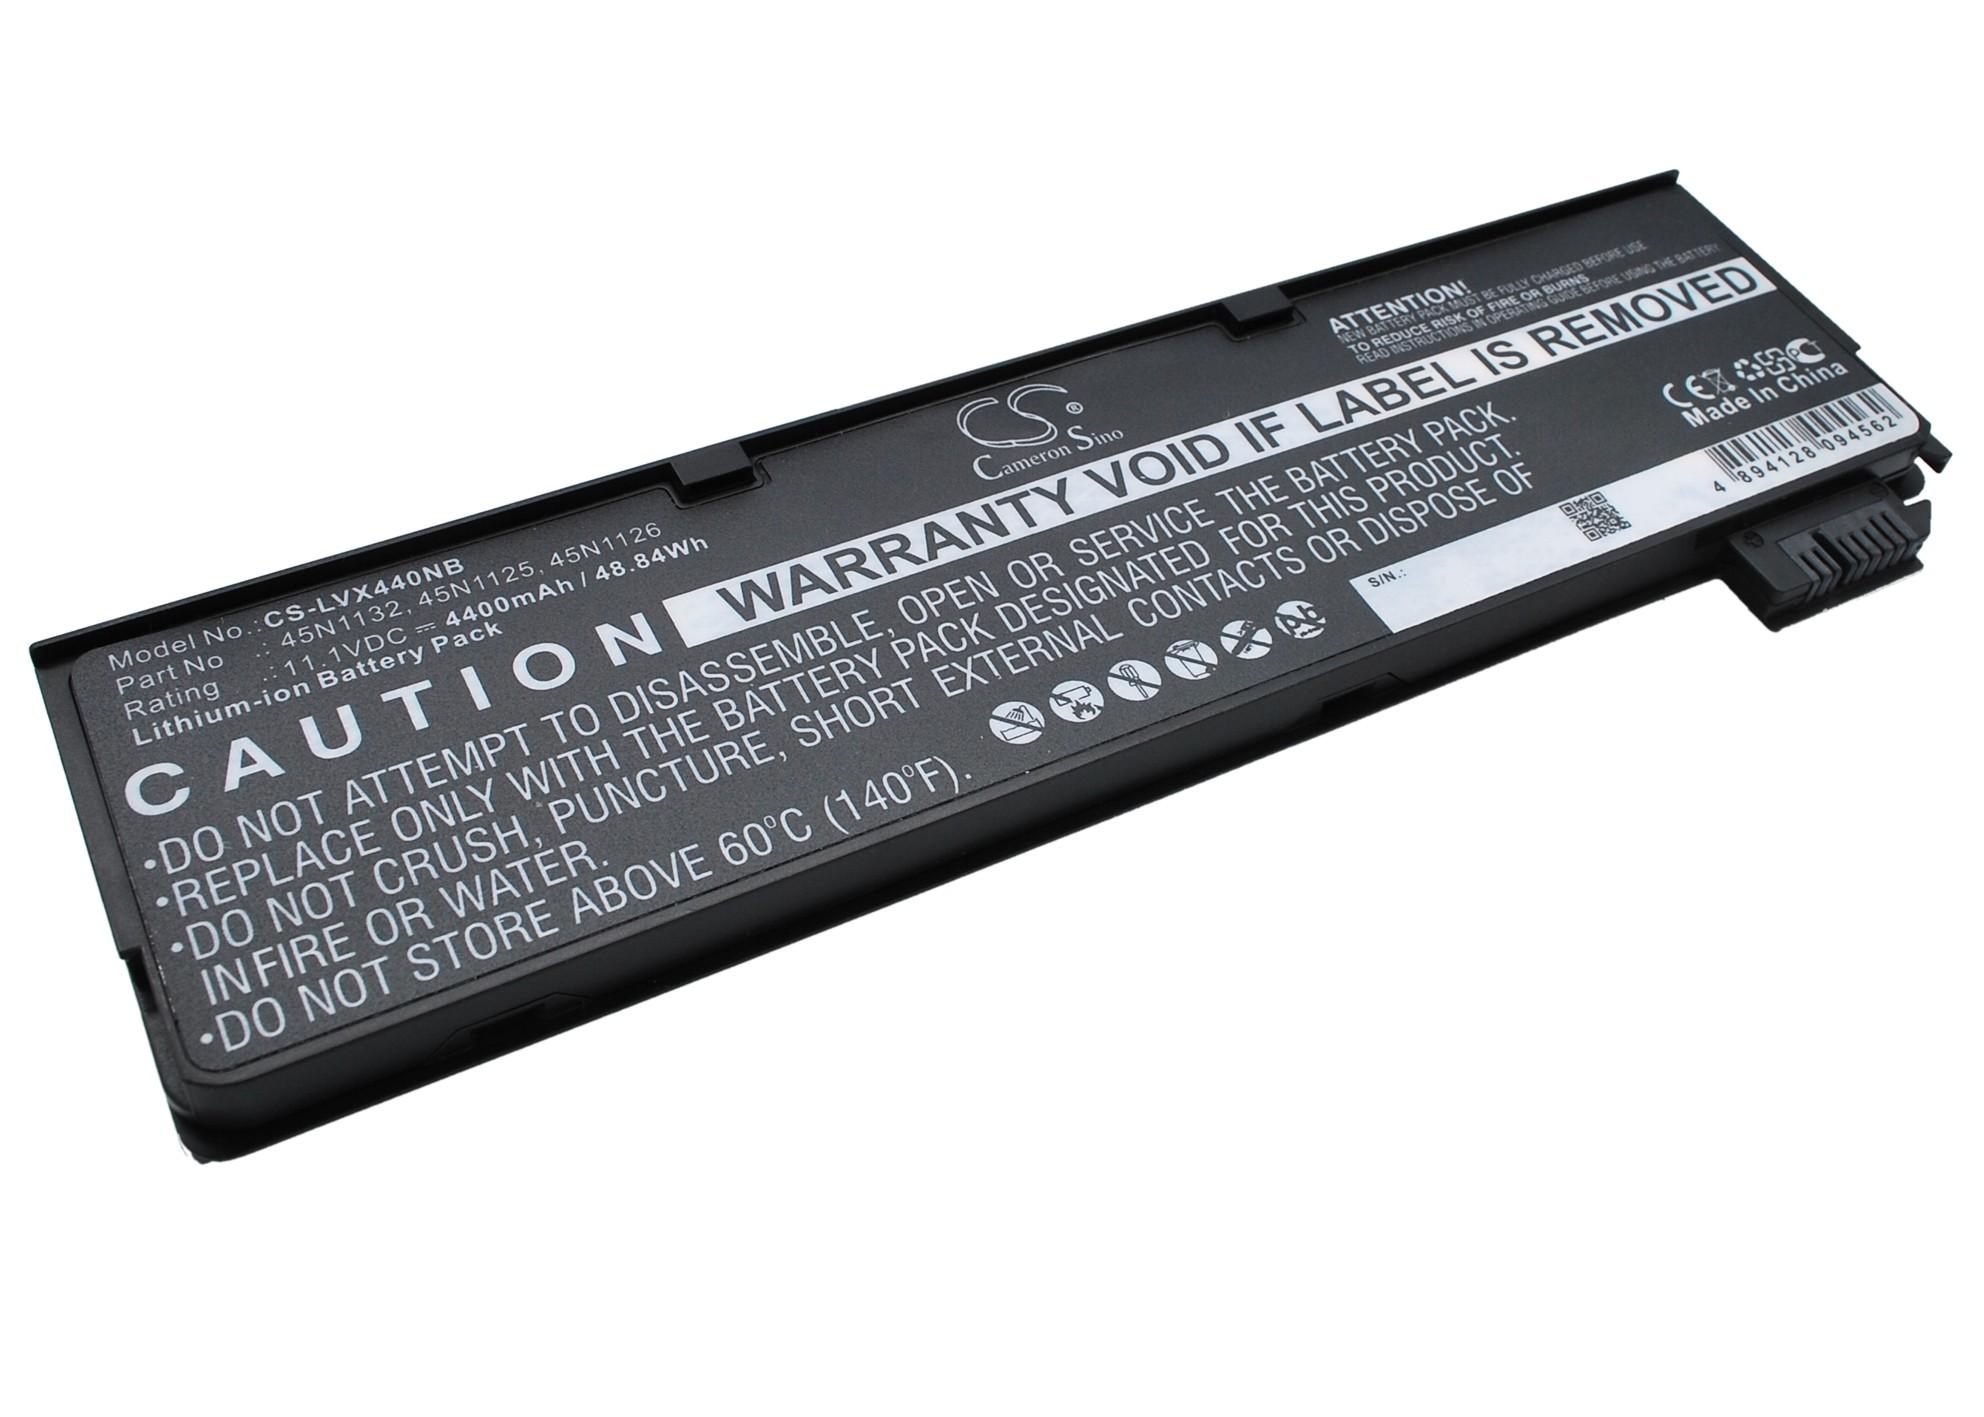 Cameron Sino baterie do notebooků pro LENOVO ThinkPad X240 11.1V Li-ion 4400mAh černá - neoriginální